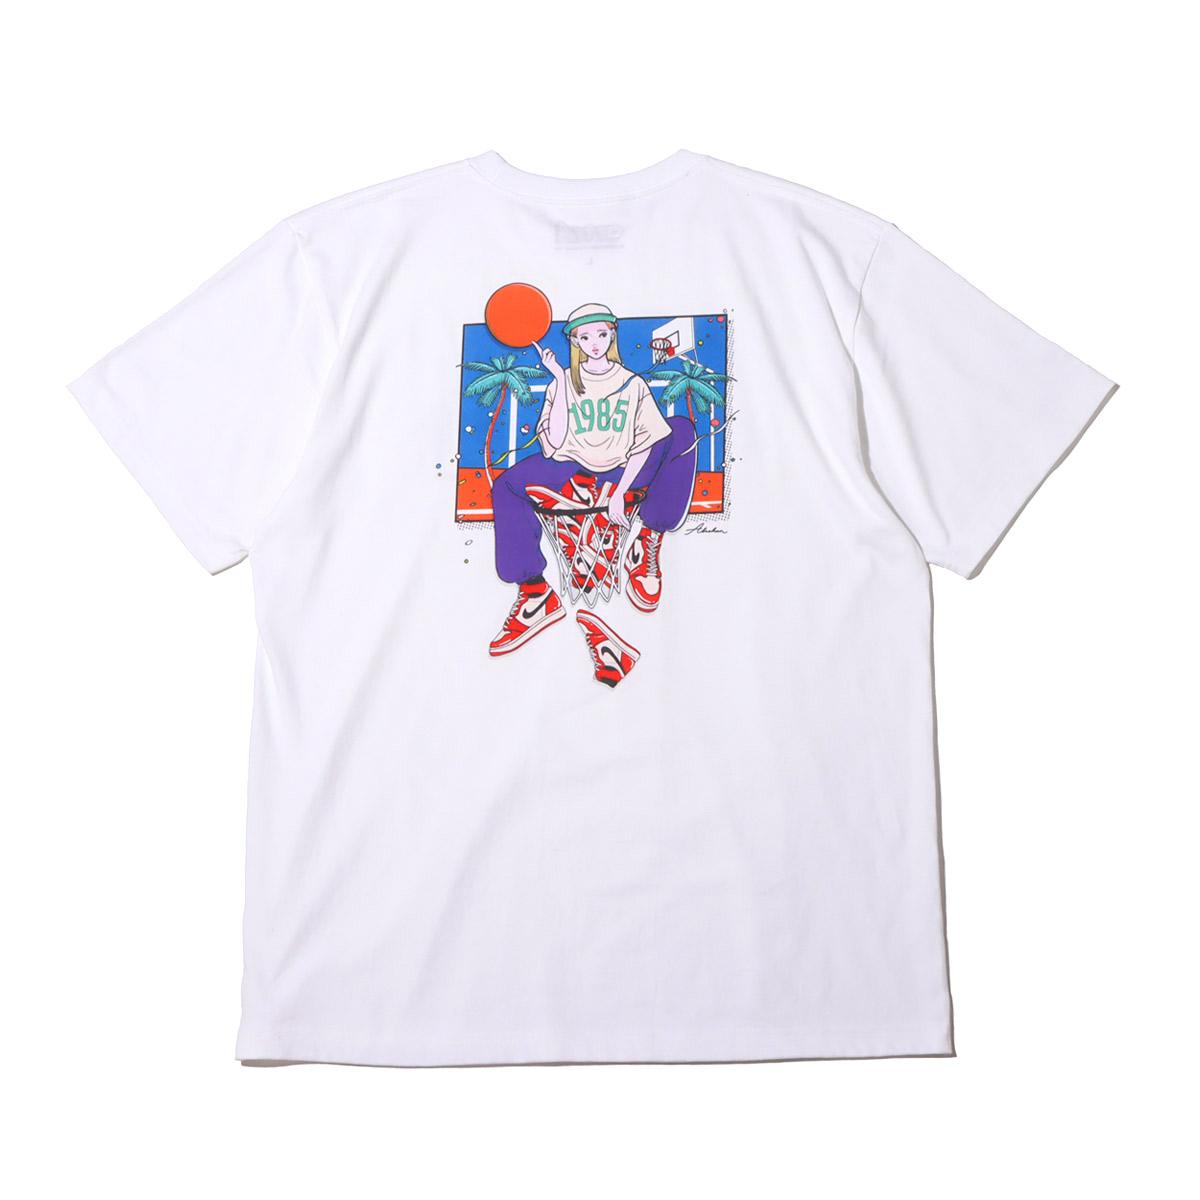 artrA(アルトラ) Tシャツ7